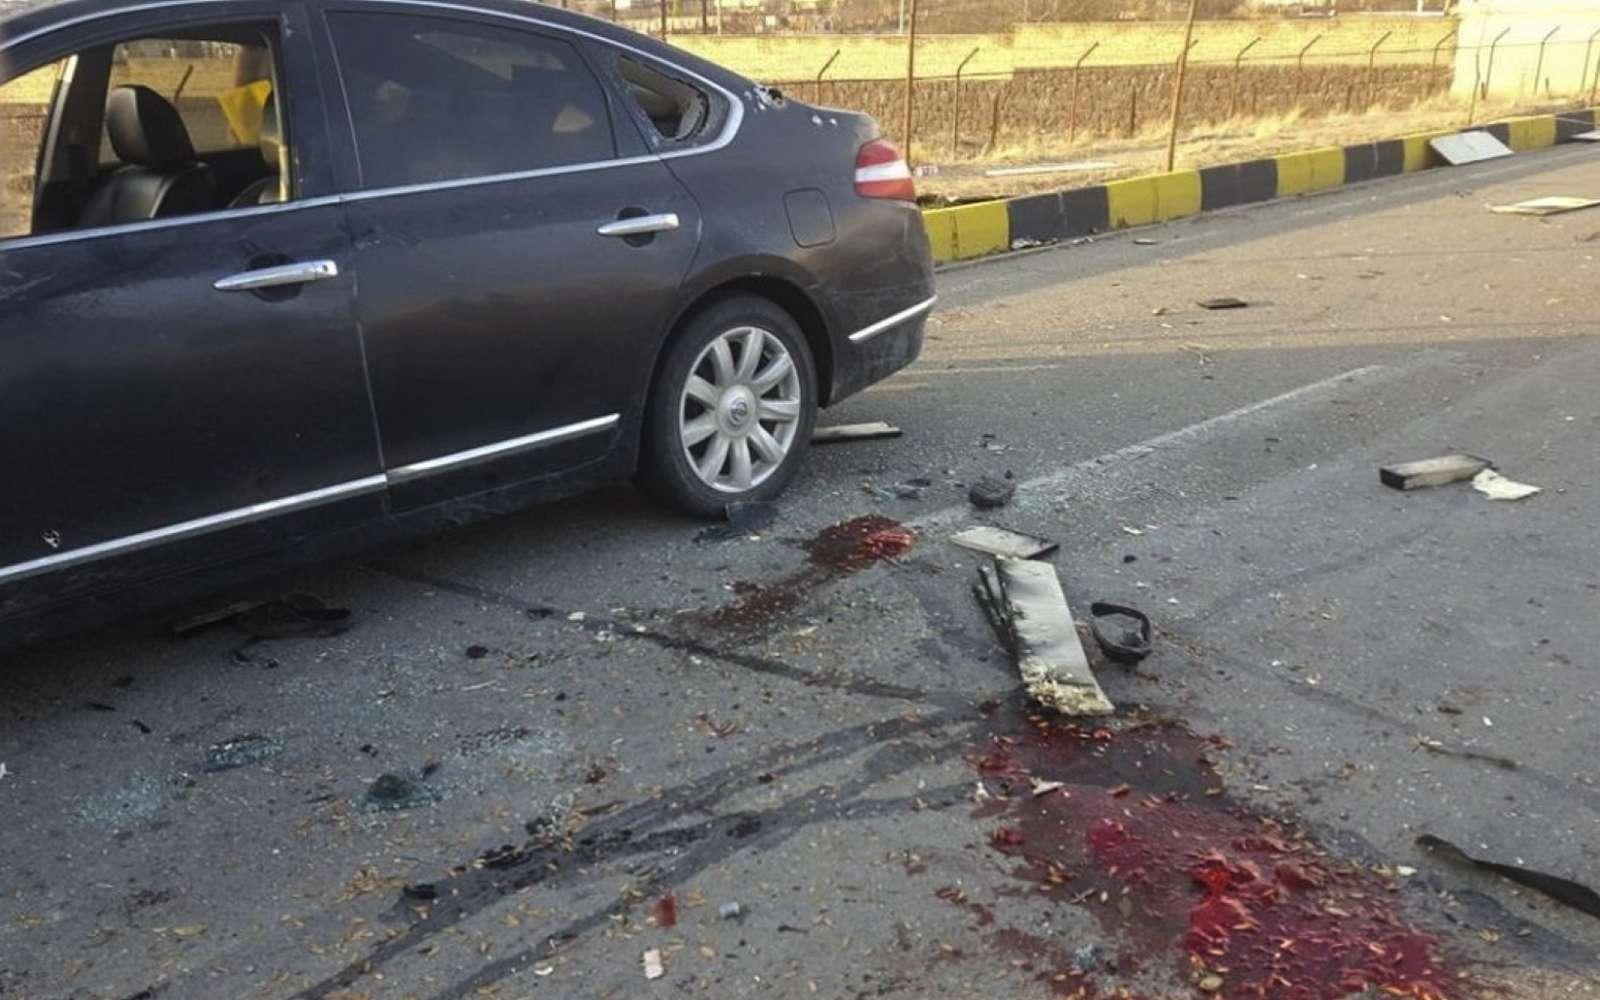 L'arme assistée par l'IA était contrôlée à distance par des opérateurs israéliens via une connexion par satellite. Avec l'aide de l'IA, le tir a été suffisamment précis pour épargner l'épouse du scientifique et causer peu de dégâts au véhicule. © Fars News Agency, Creative Commons